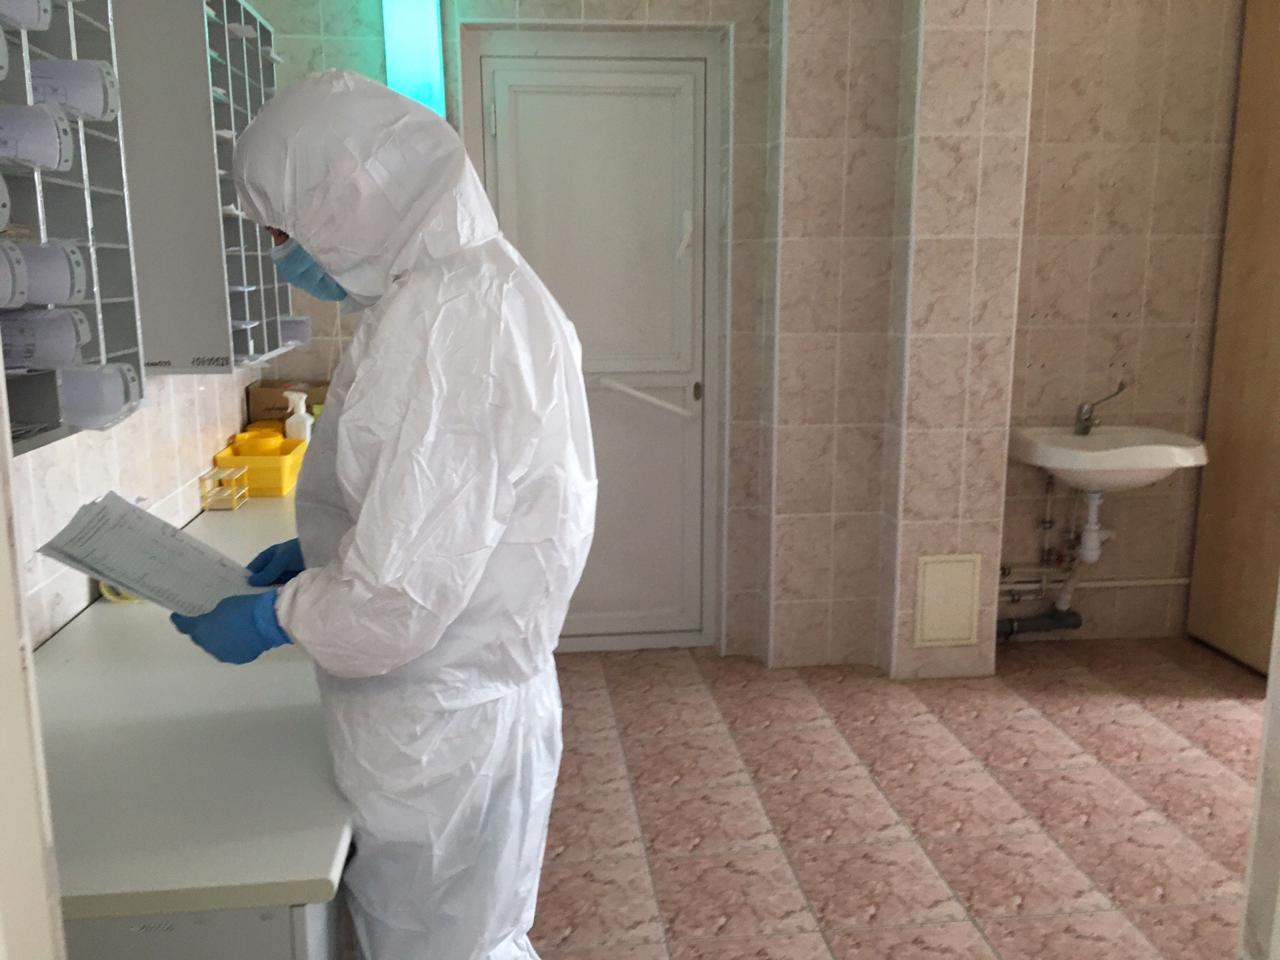 Новый рекорд: в Пермском крае за сутки коронавирус выявлен у 368 человек